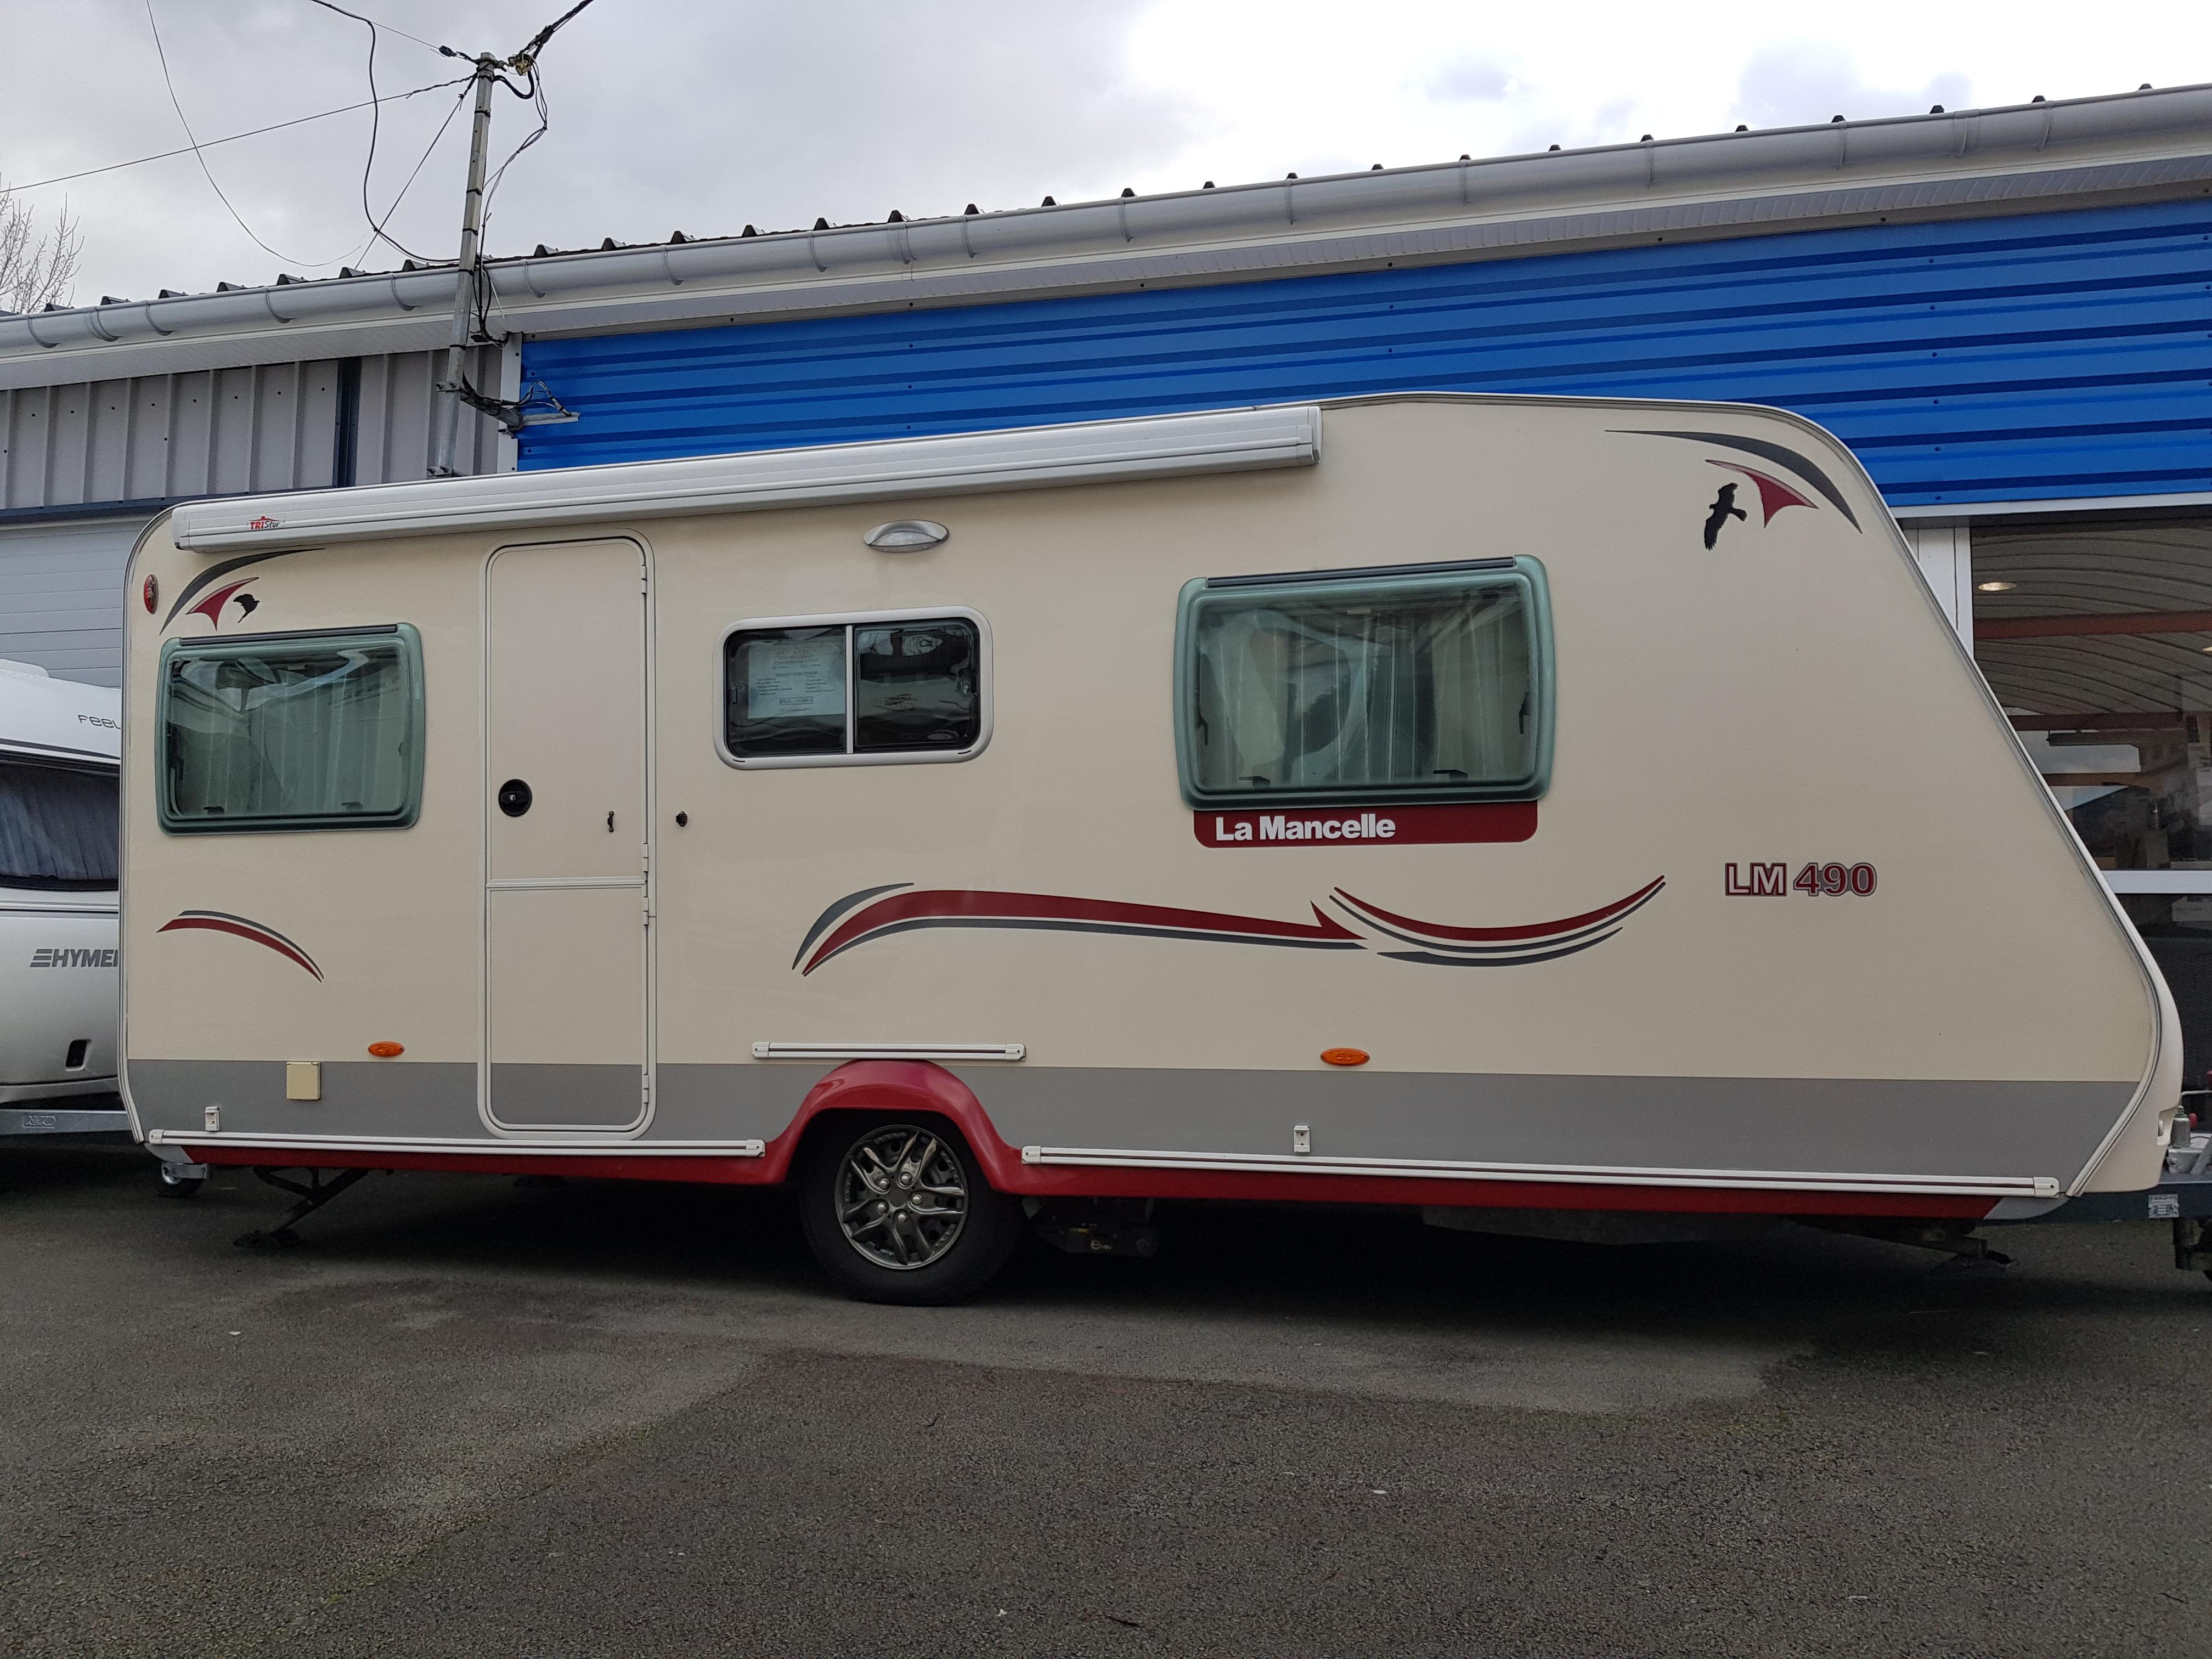 la mancelle lm 490 sa occasion de 2011 caravane en vente cuinchy pas de calais 62. Black Bedroom Furniture Sets. Home Design Ideas